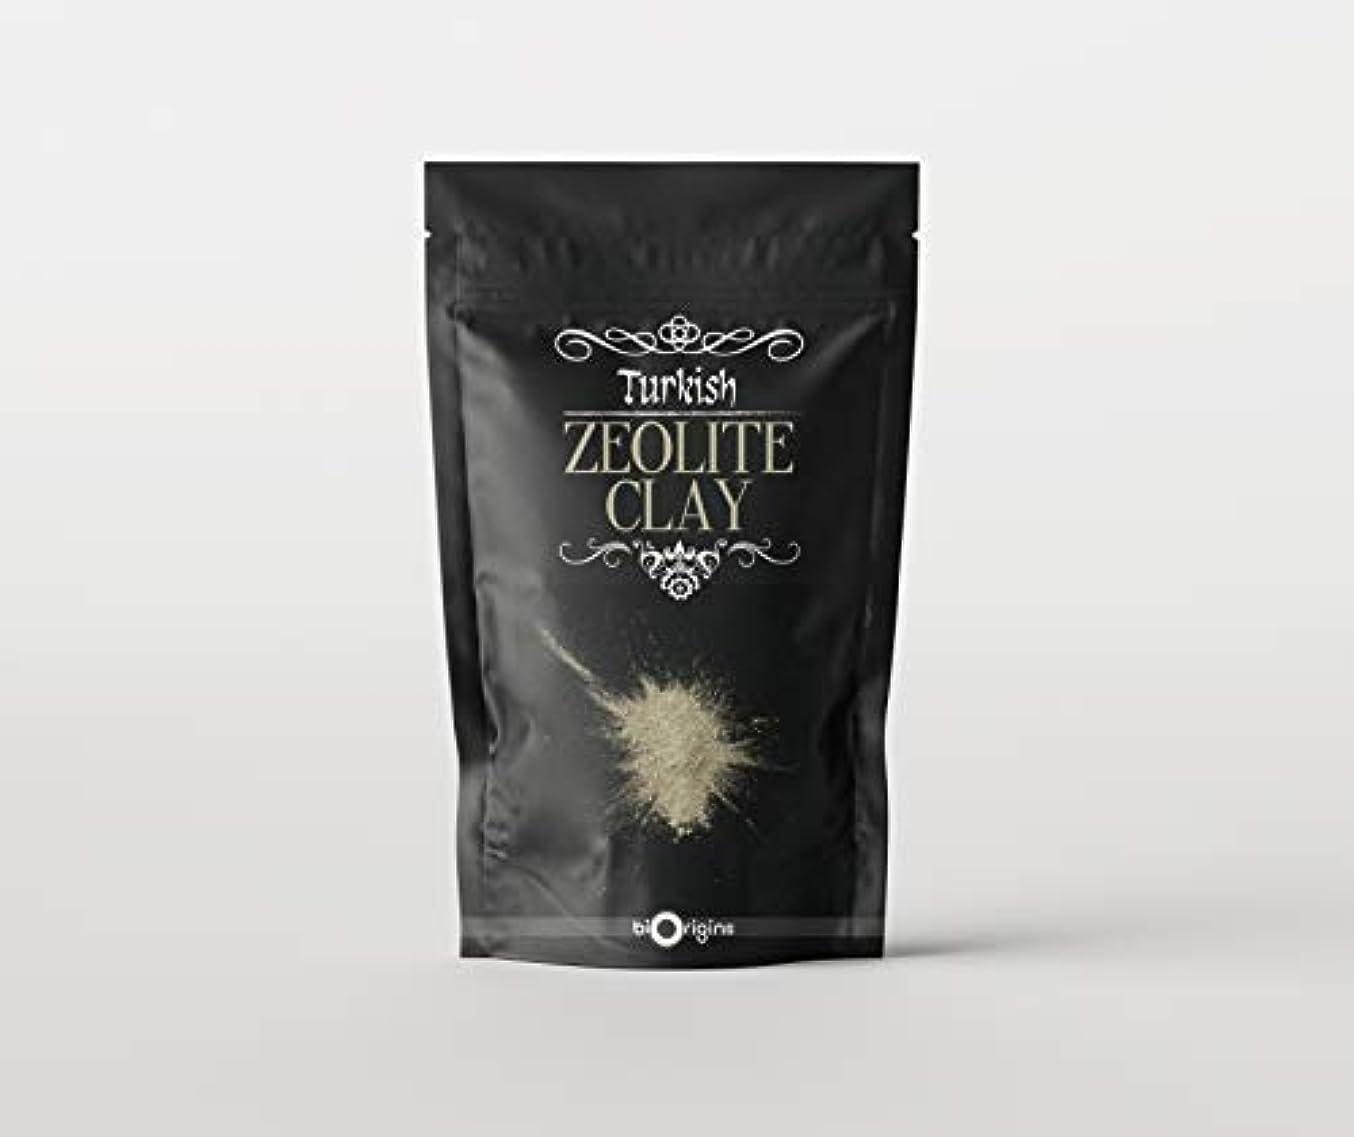 ウィスキー敷居いうZeolite Ultrafine Clay - 1Kg